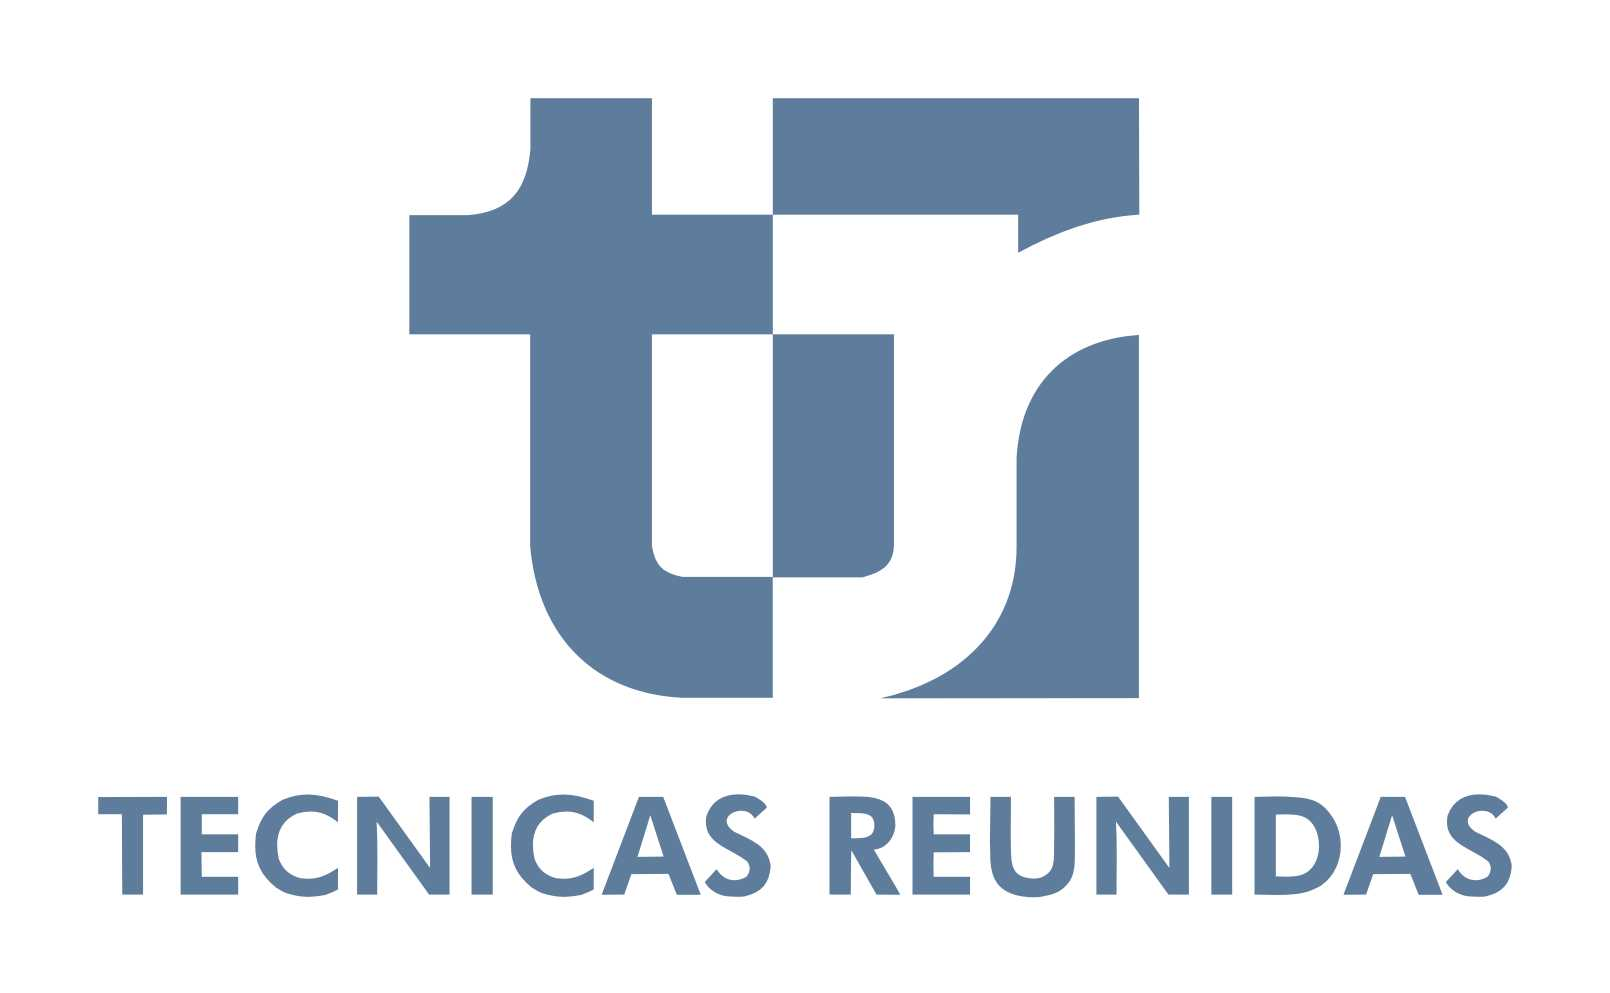 Tecnicas Reunidas SA logo